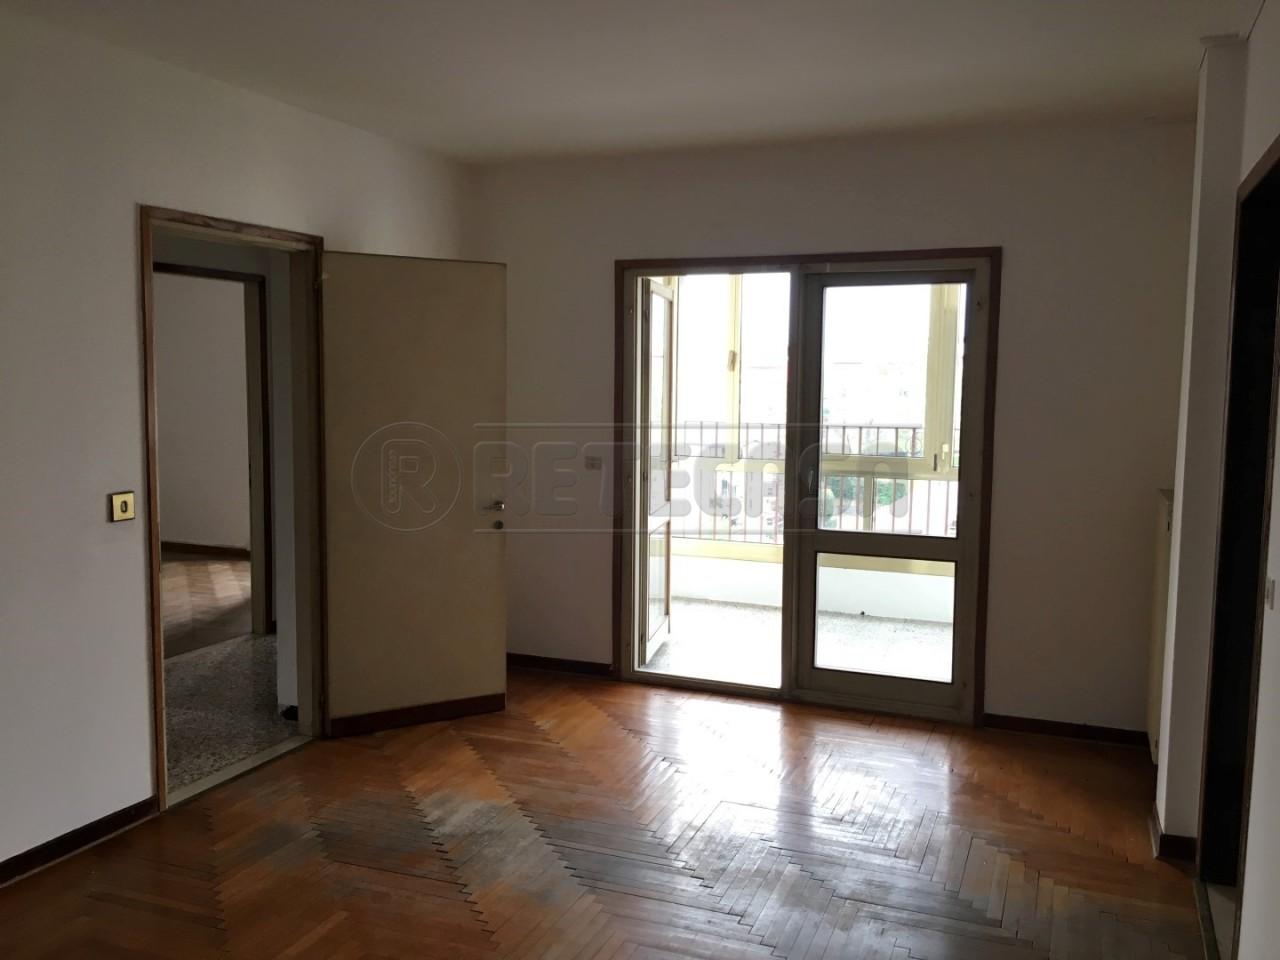 Appartamento in vendita a Belluno, 8 locali, prezzo € 138.000 | Cambio Casa.it